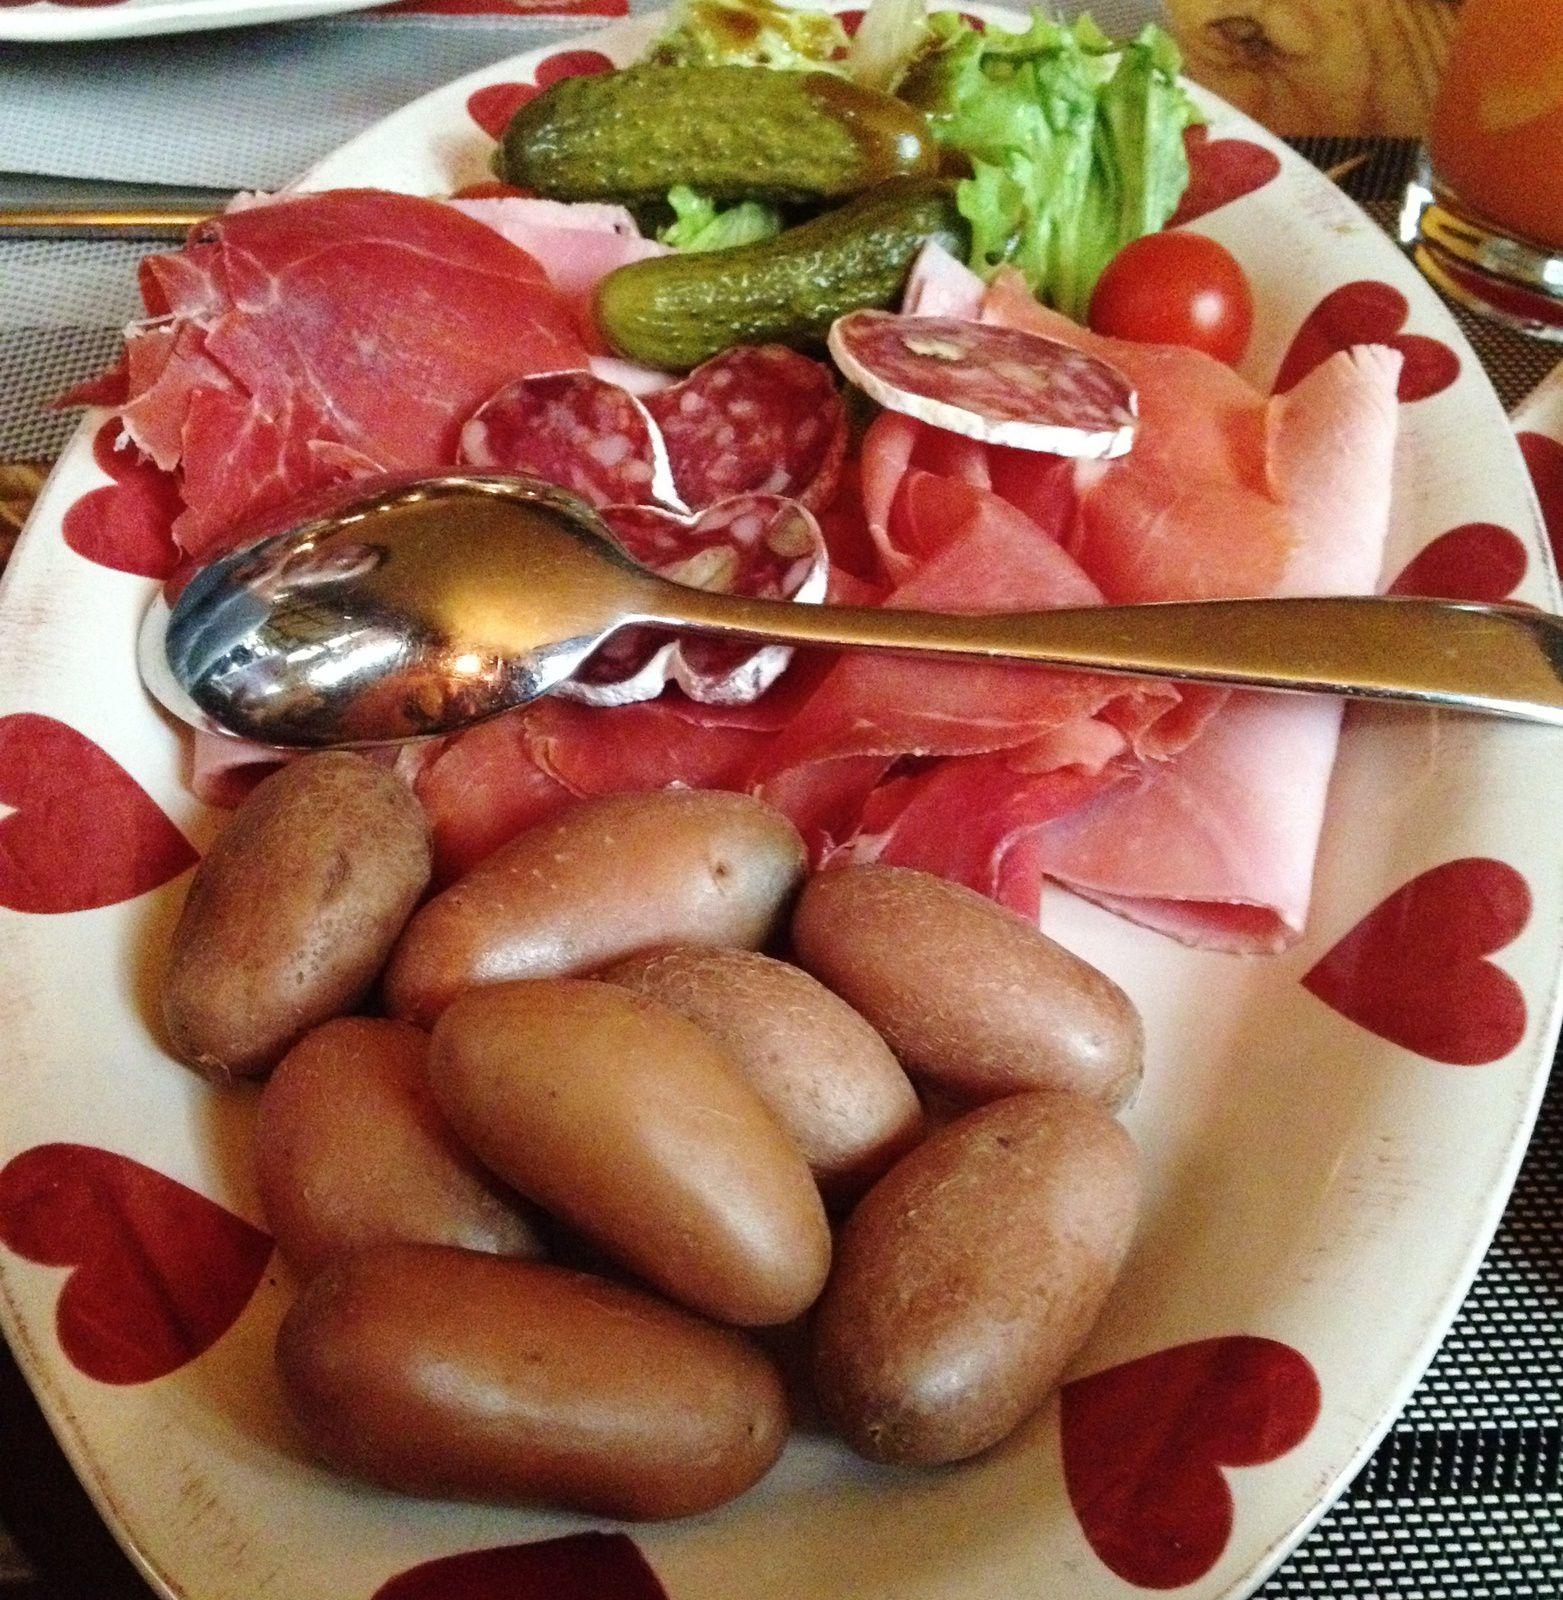 Le plat.La reloch du berger:un reblochon aux oignons et lardons poêlés et cuisinés au vin blanc selon la recette d'1 vieux berger, accompagné de PDT,jambon de montagne,jambon torchon,saucisson des Alpes,tomate,cornichon et salade verte. Quand j'ai vu l'assiette,j'ai demandé c'est pour 2? En mode Gargantua mais un vrai délice. Un petit mot pour le vieux berger: Je veux bien votre recette.